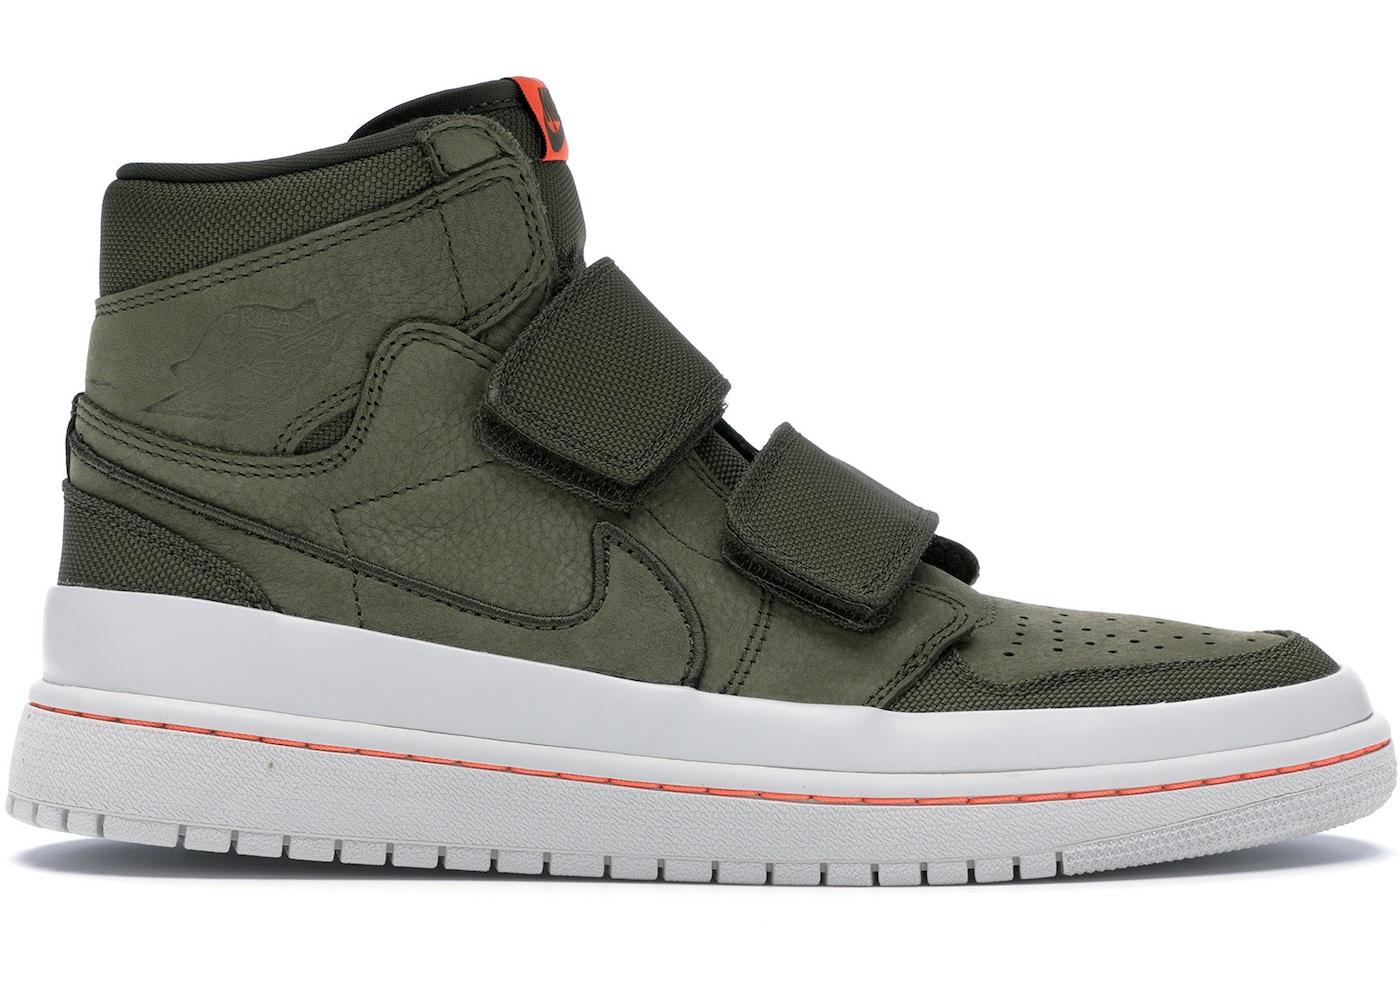 separation shoes 4a876 3709e Jordan 1 Retro High Double Strap Olive Canvas - AQ7924-305